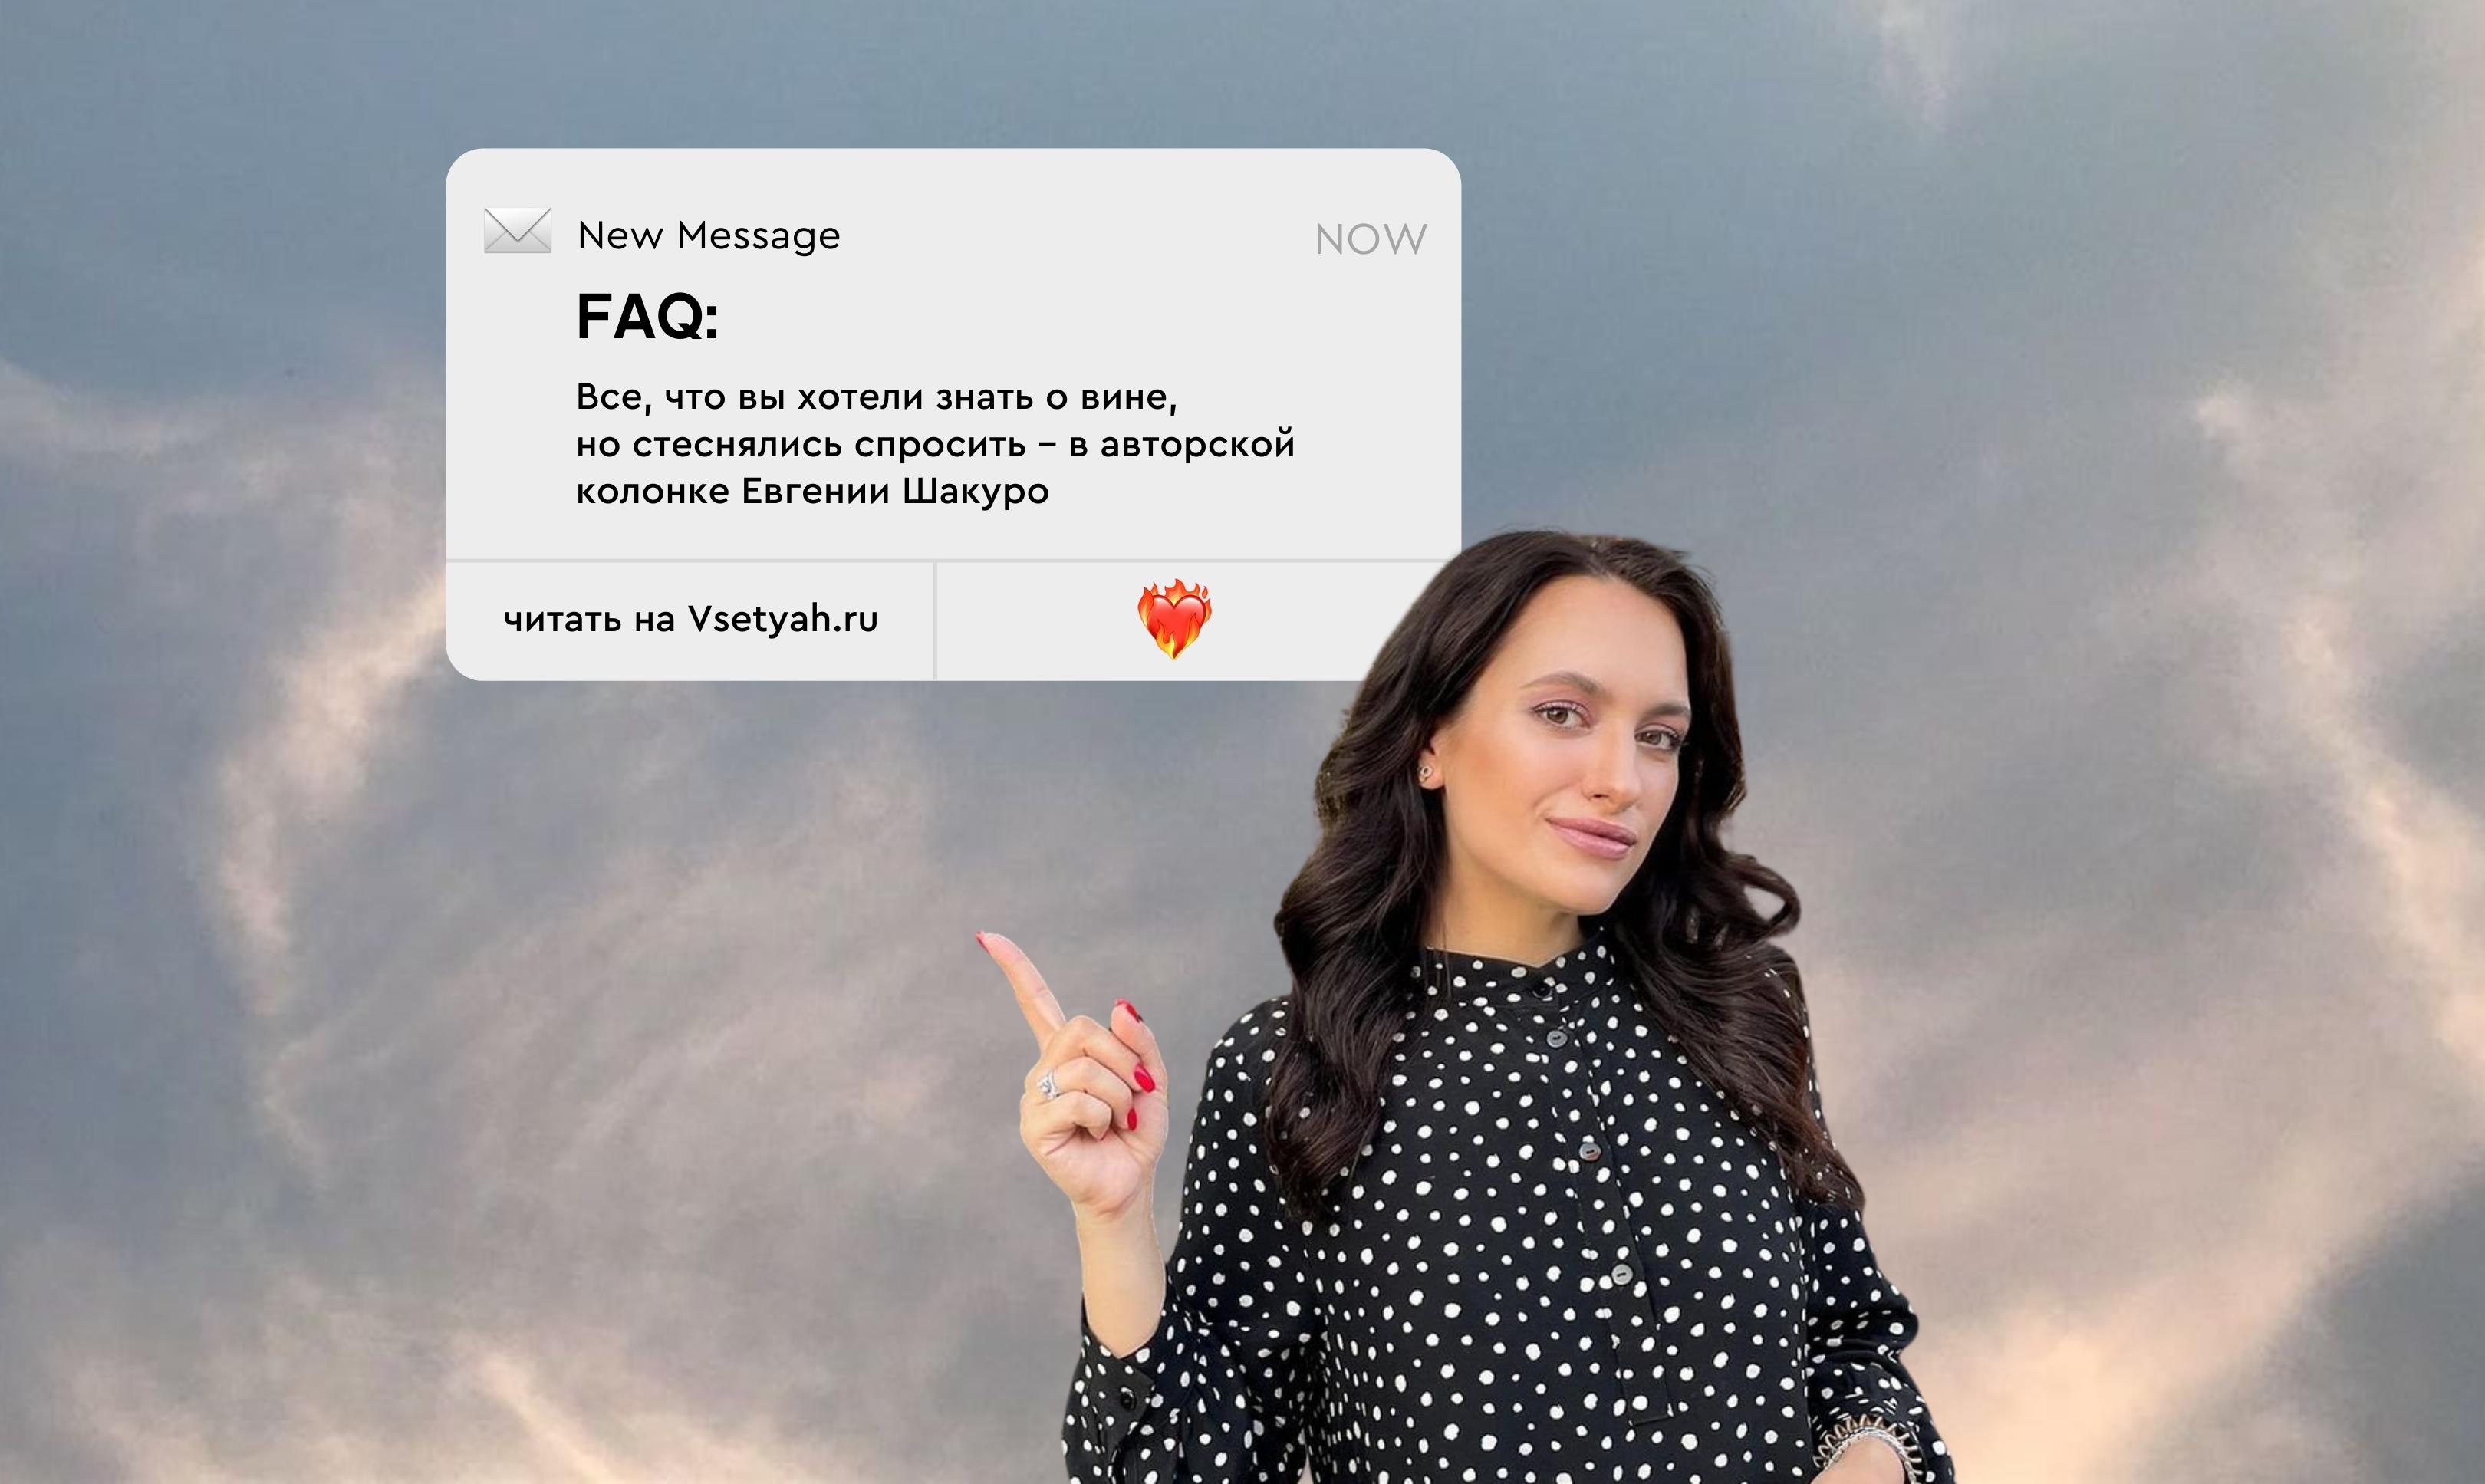 FAQ: все, что вы хотели знать о вине, но стеснялись спросить – в авторской колонке Евгении Шакуро